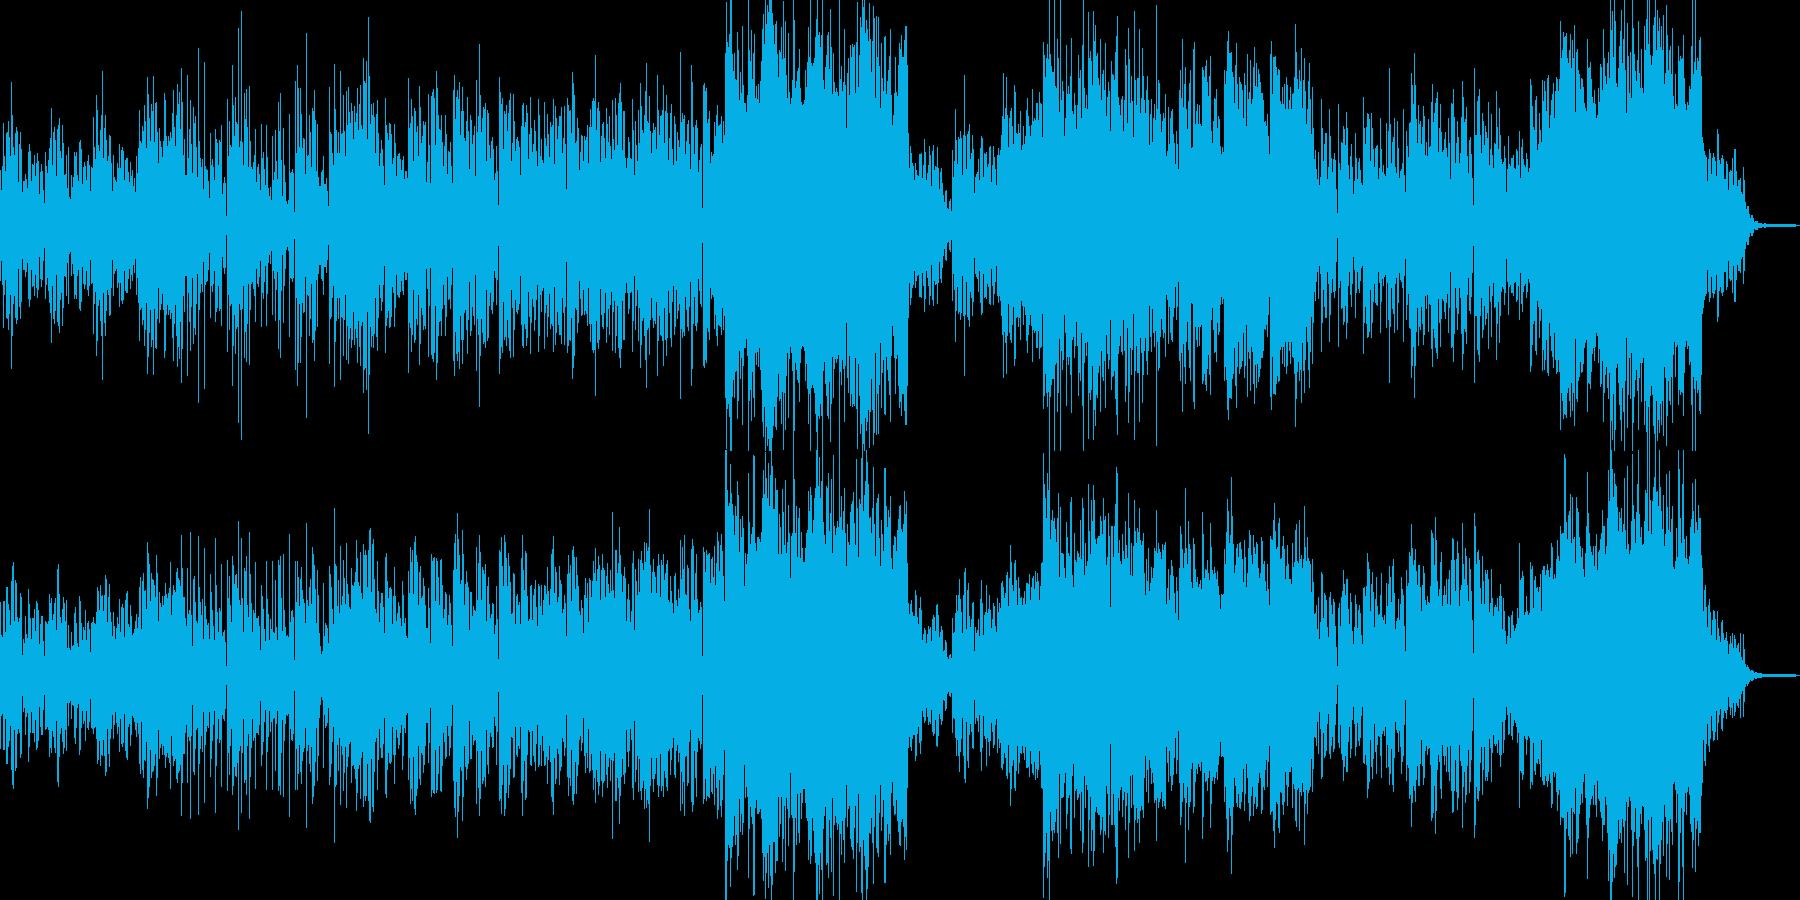 優しさに包まれるよに込み上げるBGMの再生済みの波形